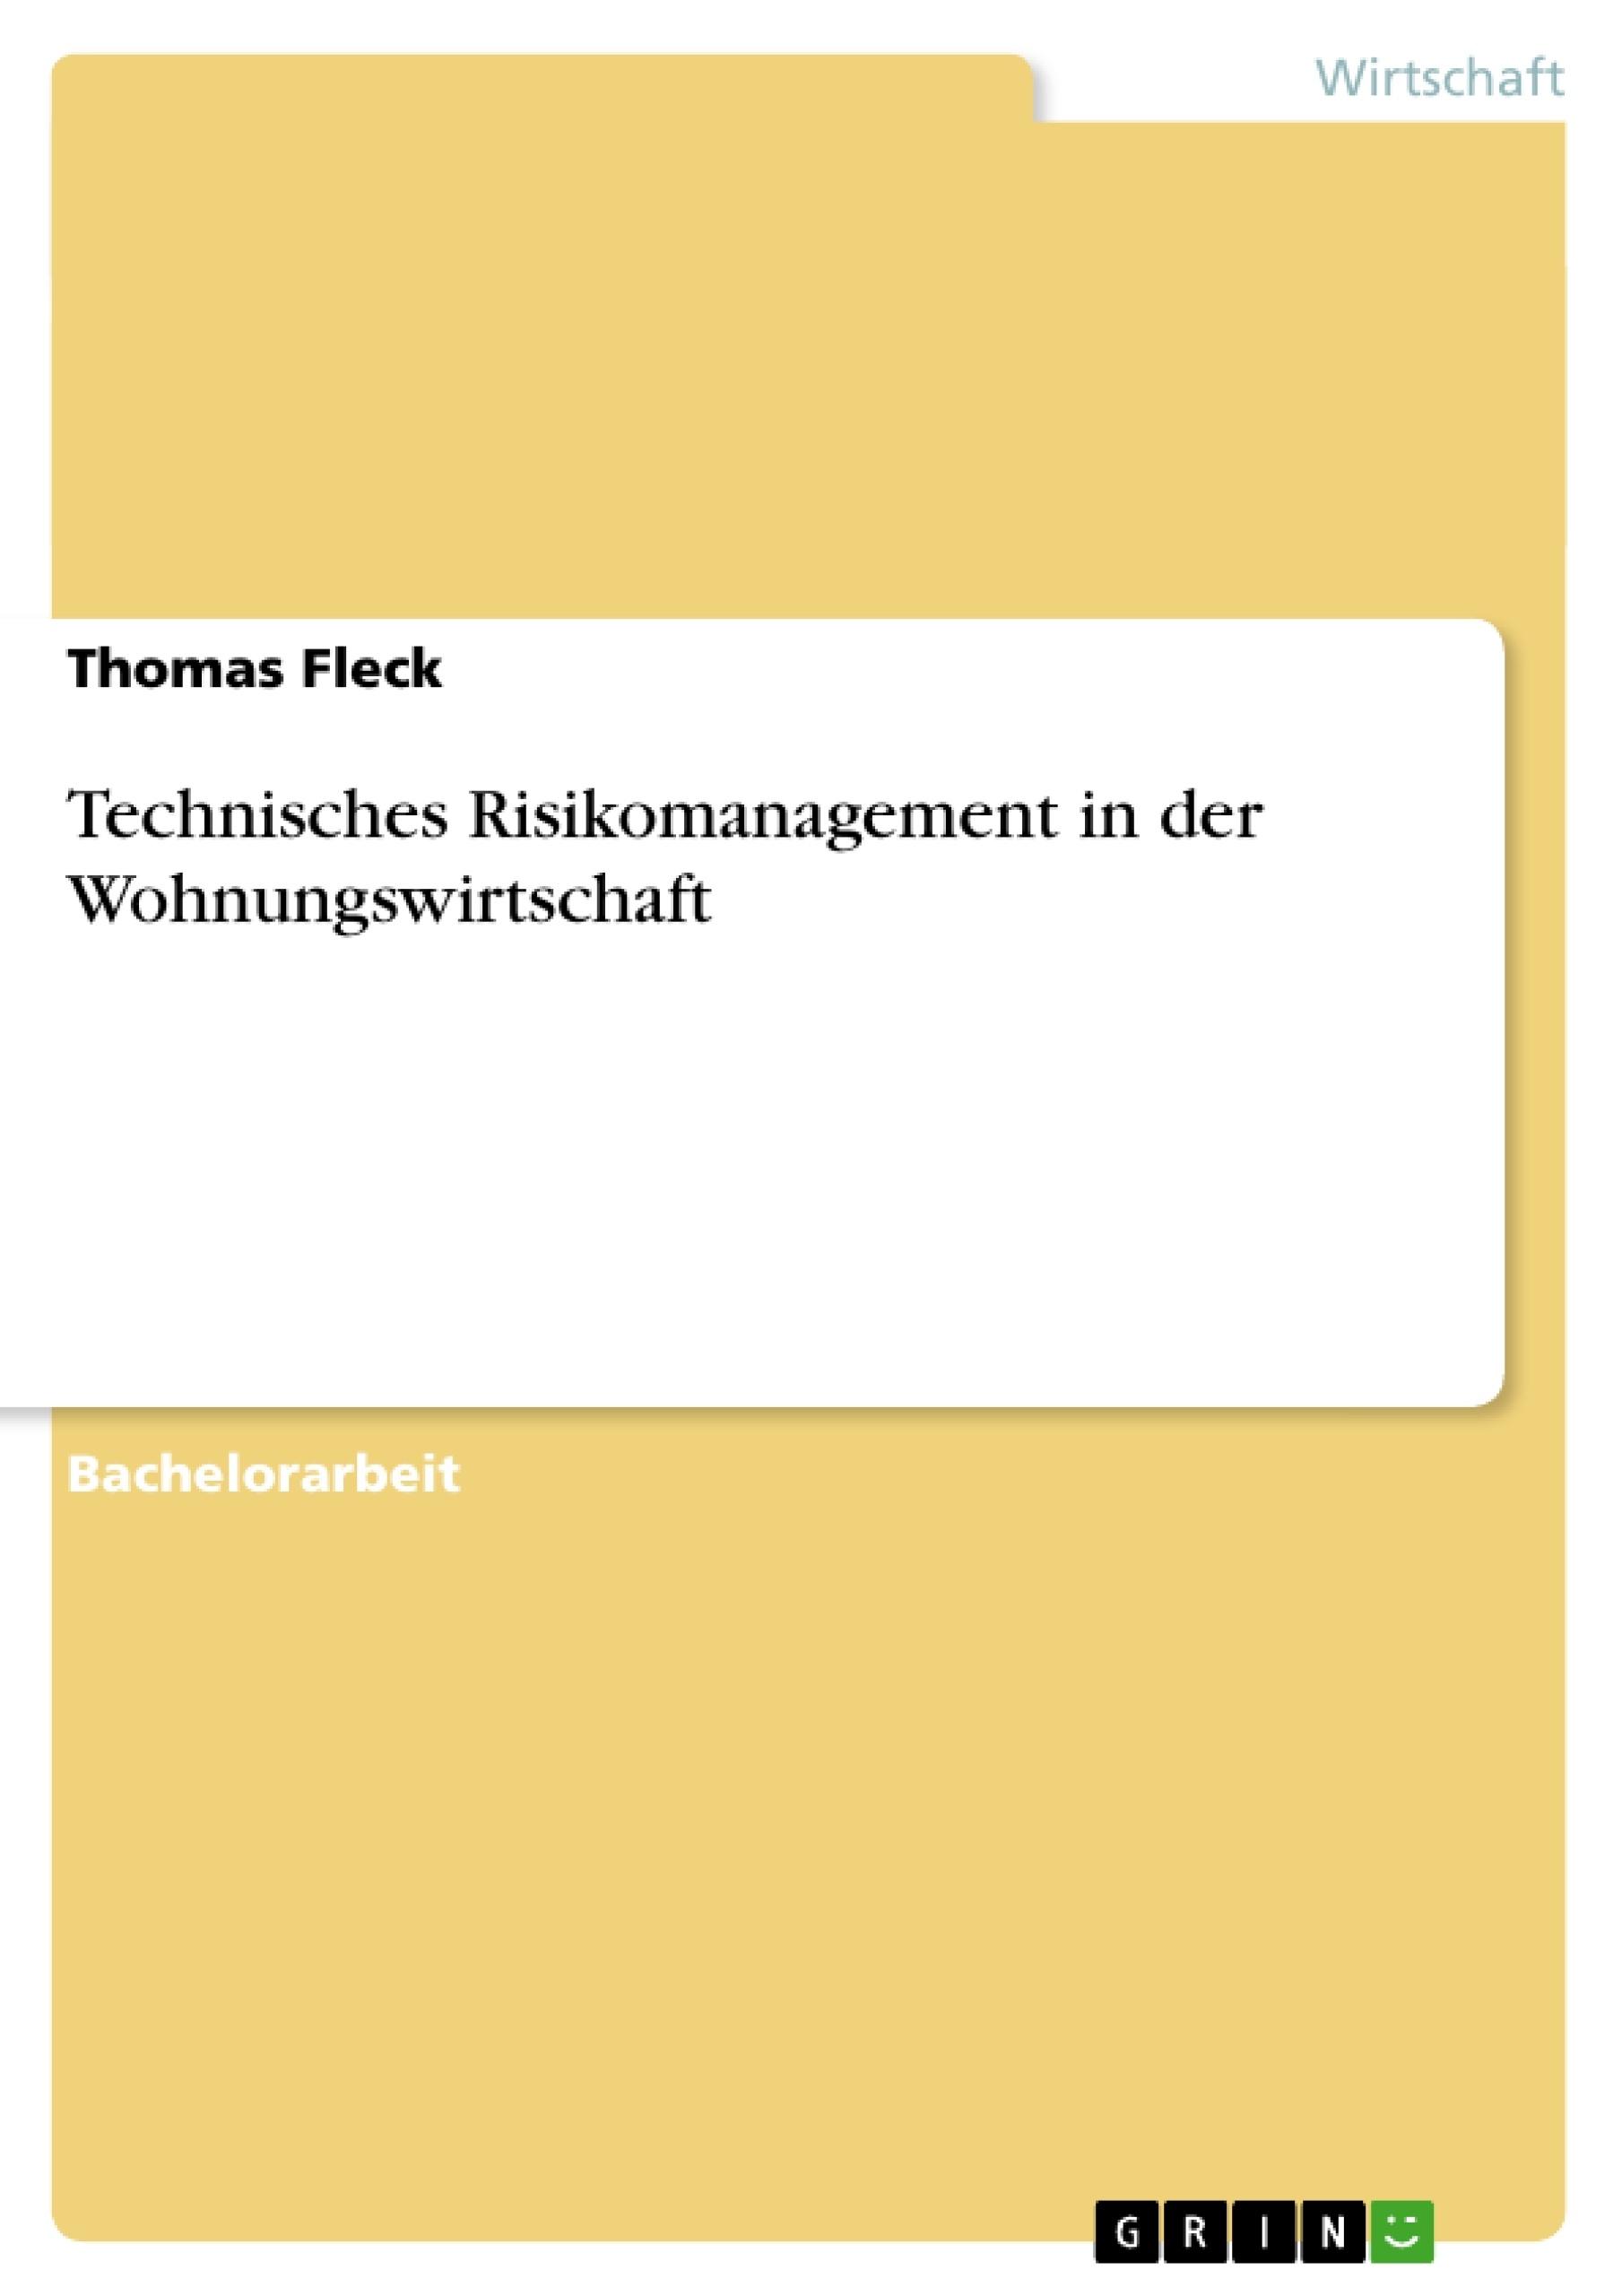 Titel: Technisches Risikomanagement in der Wohnungswirtschaft